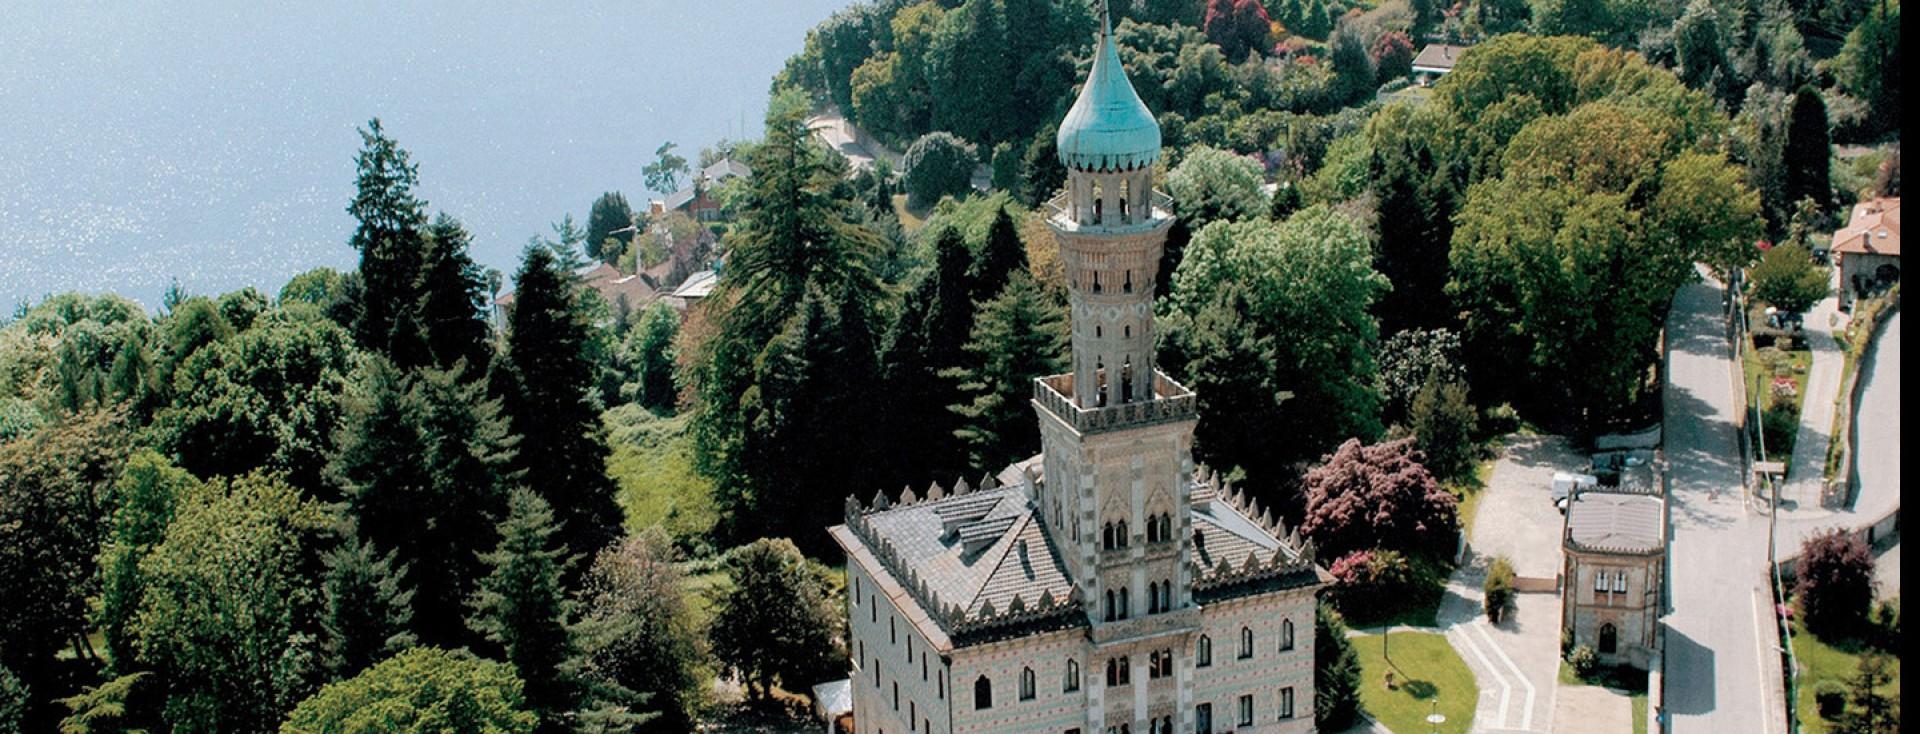 Villa Crespi